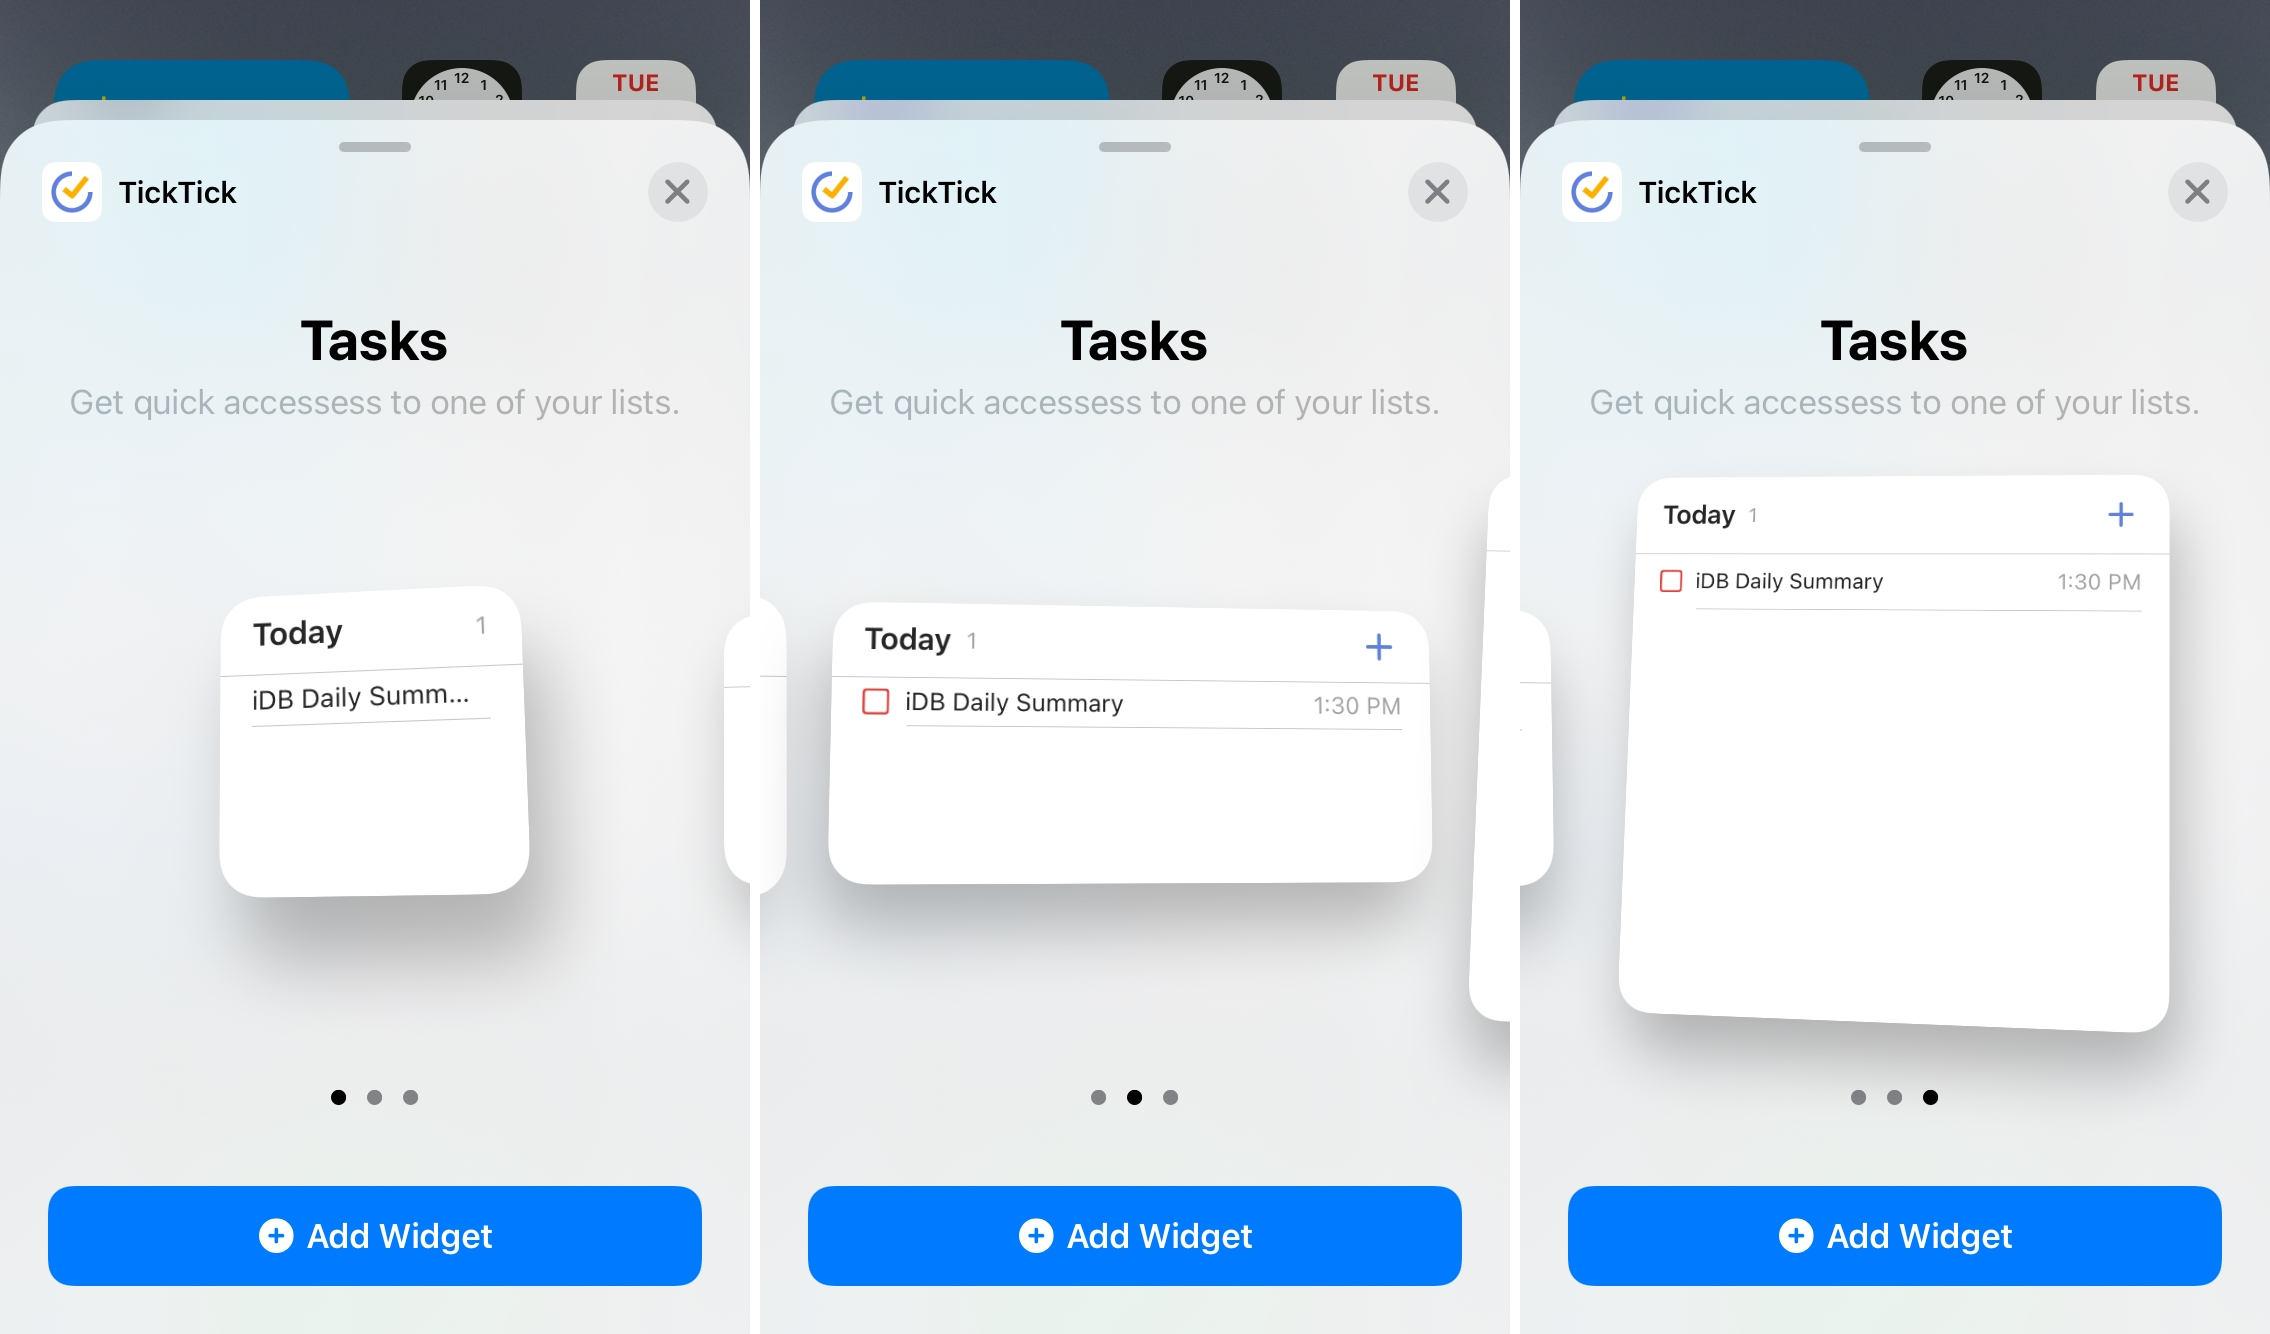 TickTick Home Screen Widgets for iPhone